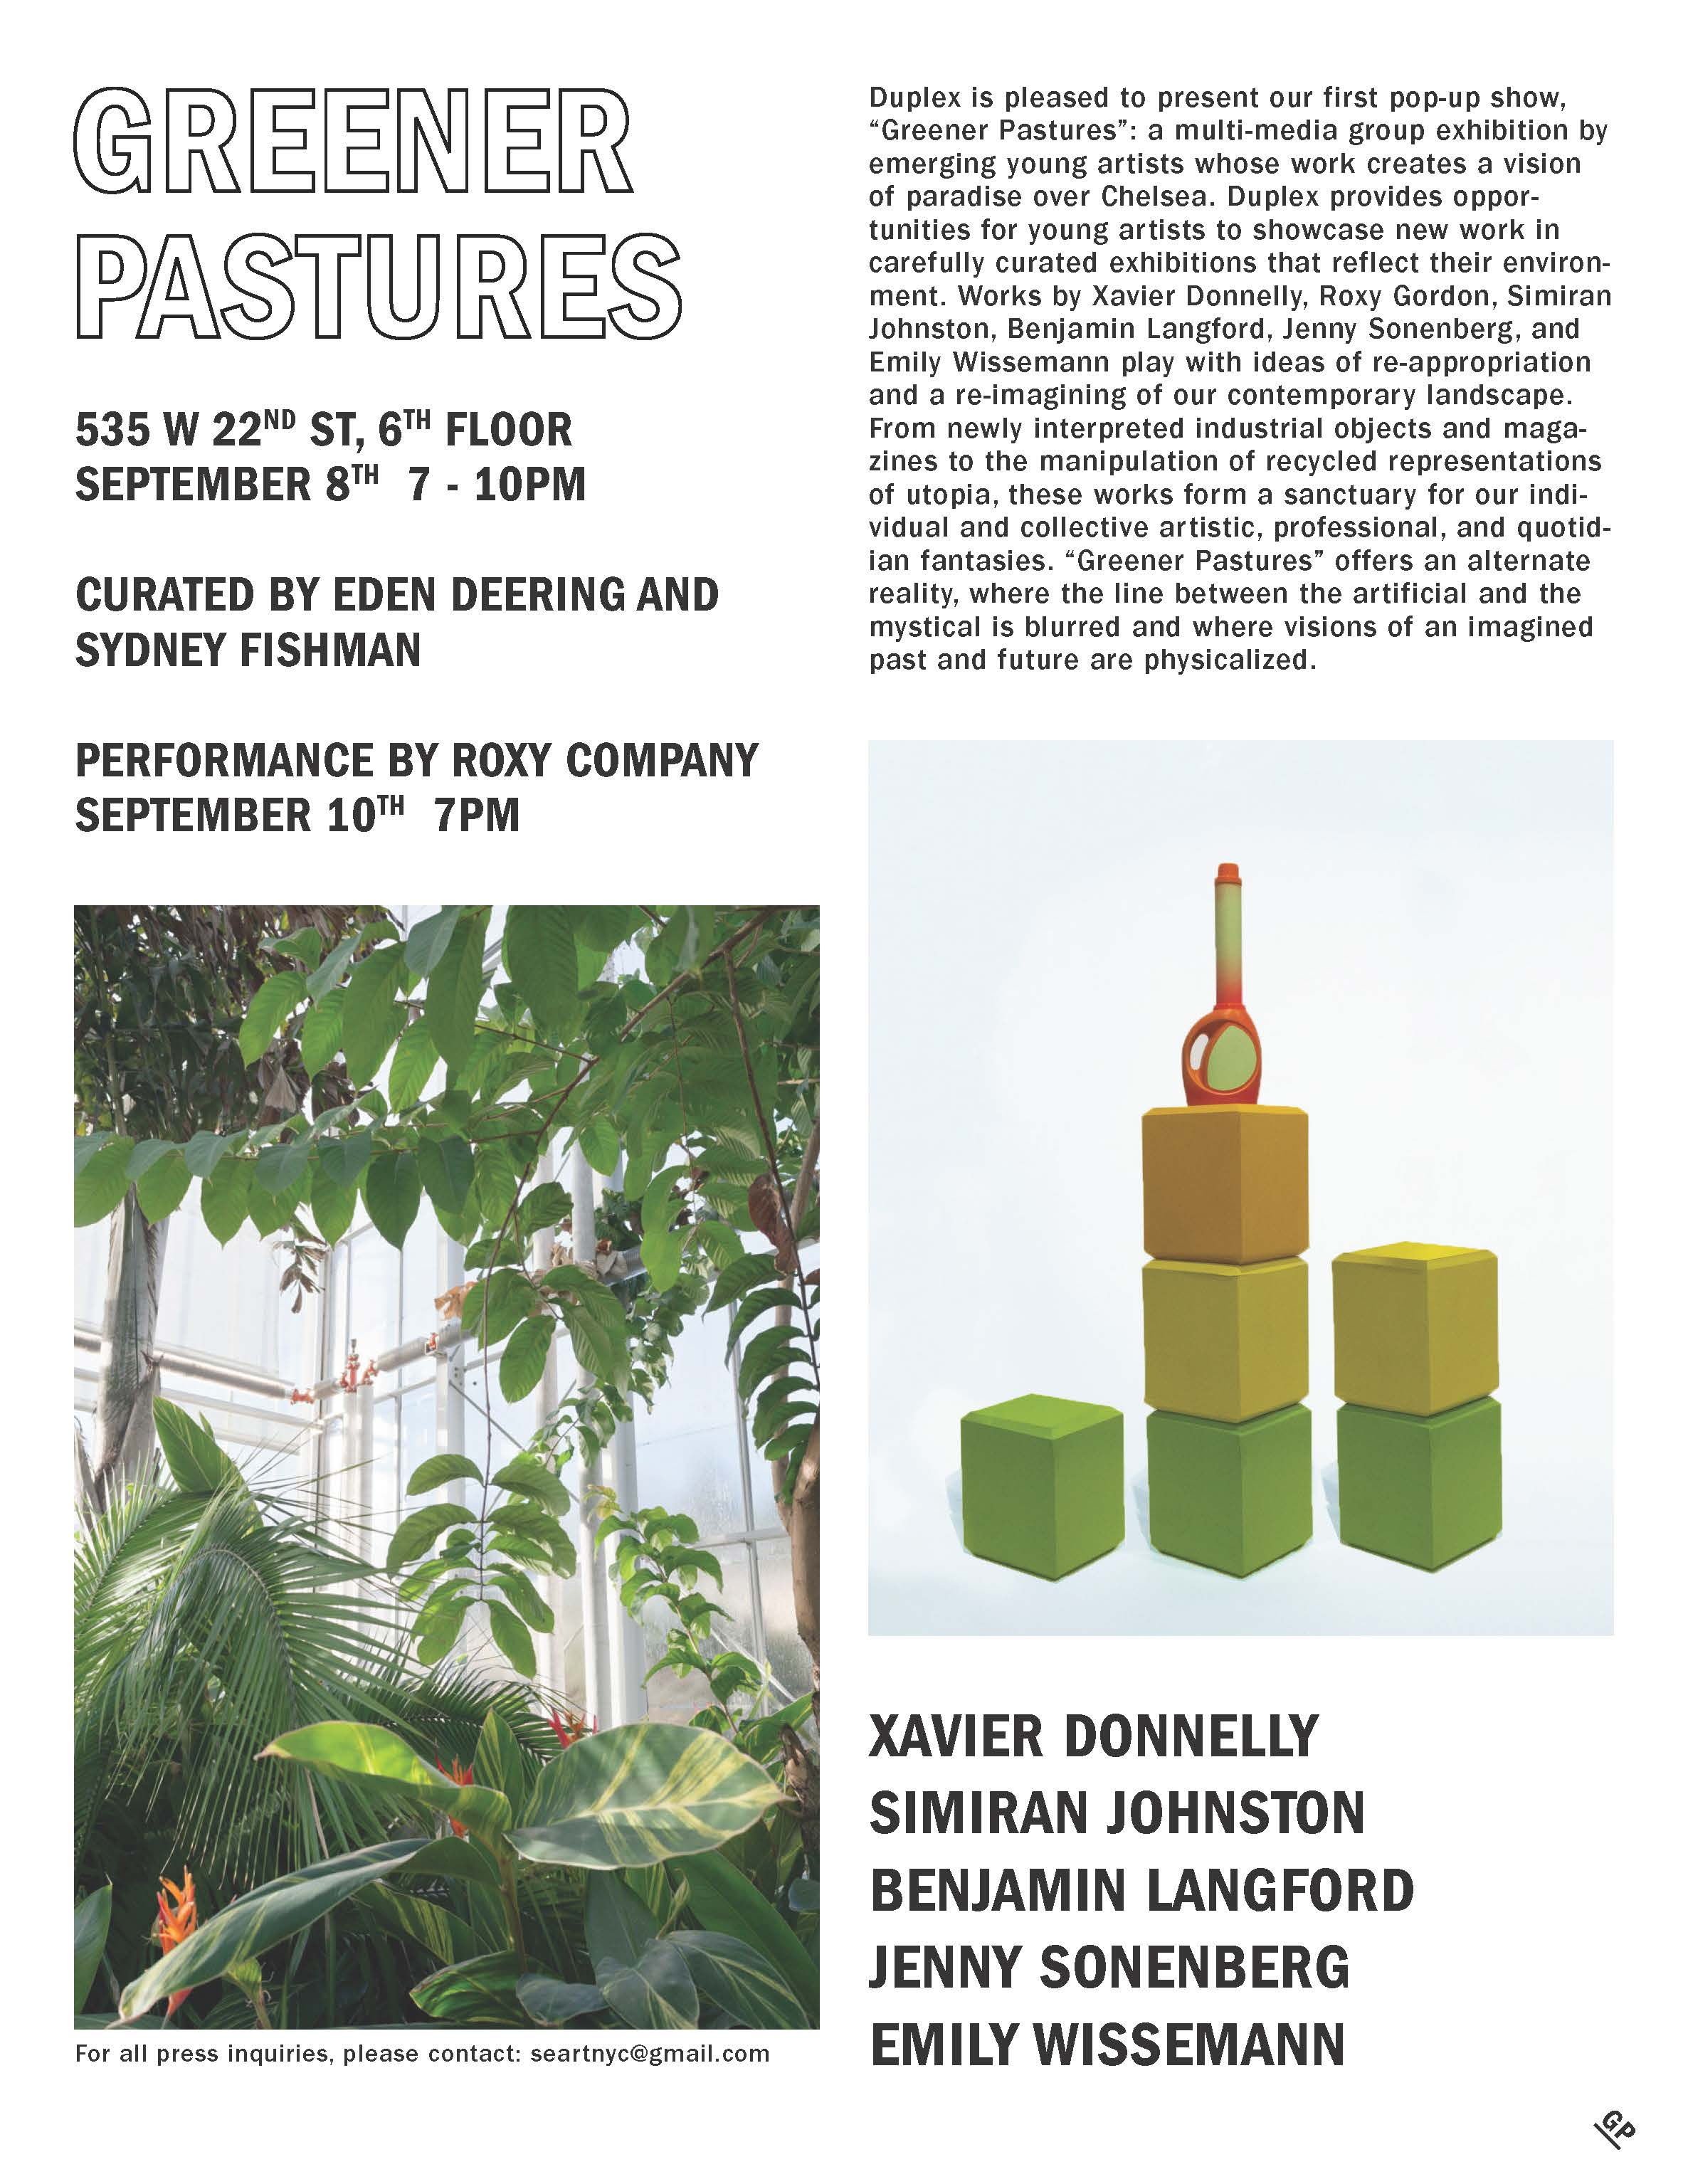 'Greener Pastures' Press Release